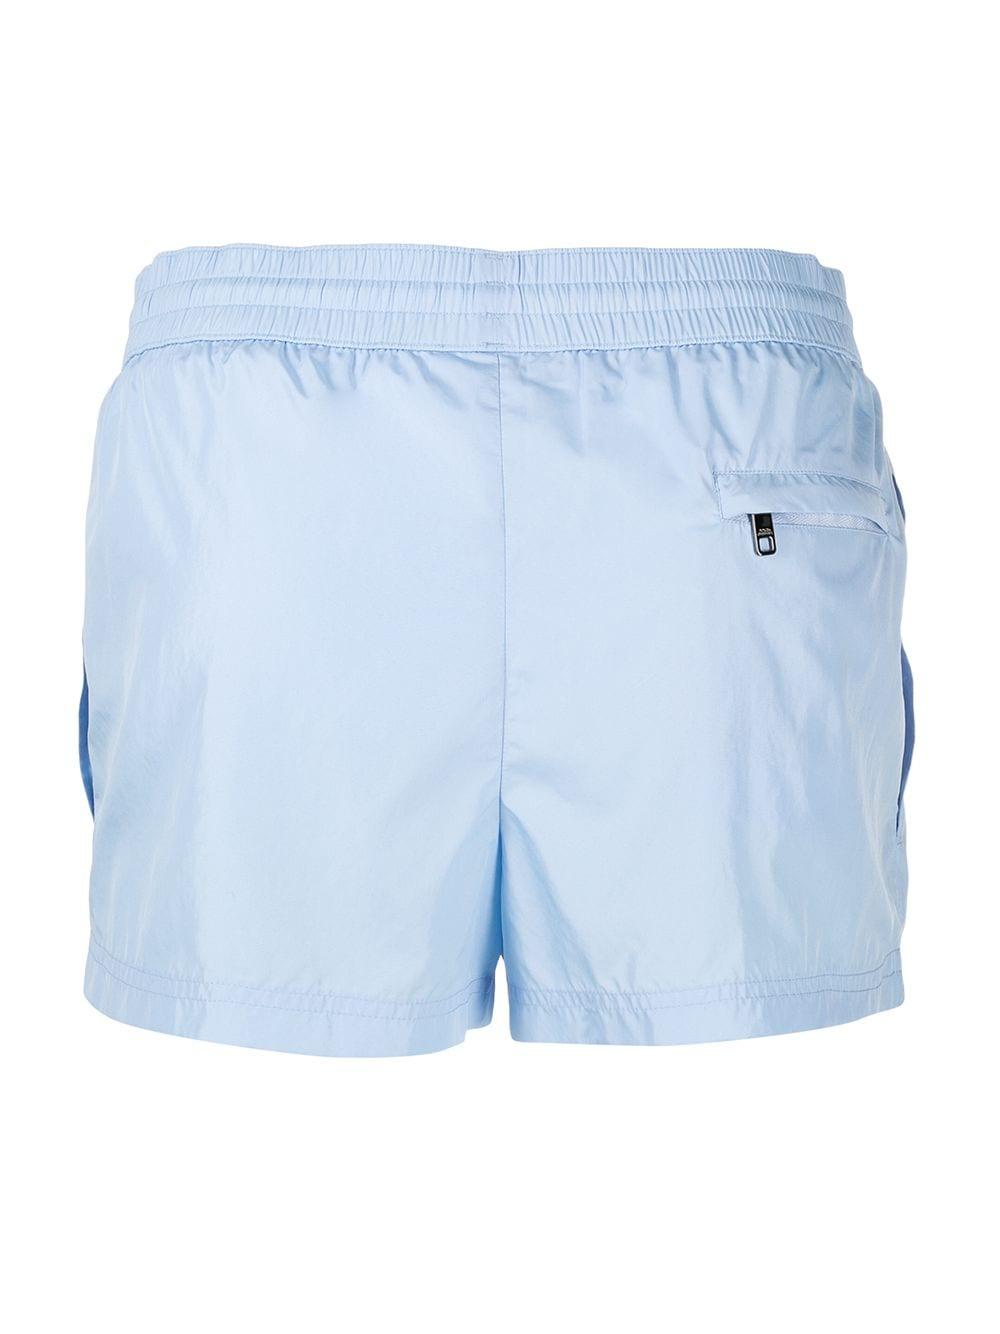 Costume da bagno azzurro con patch Dolce & Gabbana sul lato DOLCE & GABBANA | Costumi | M4B11T-FUSFWB1581